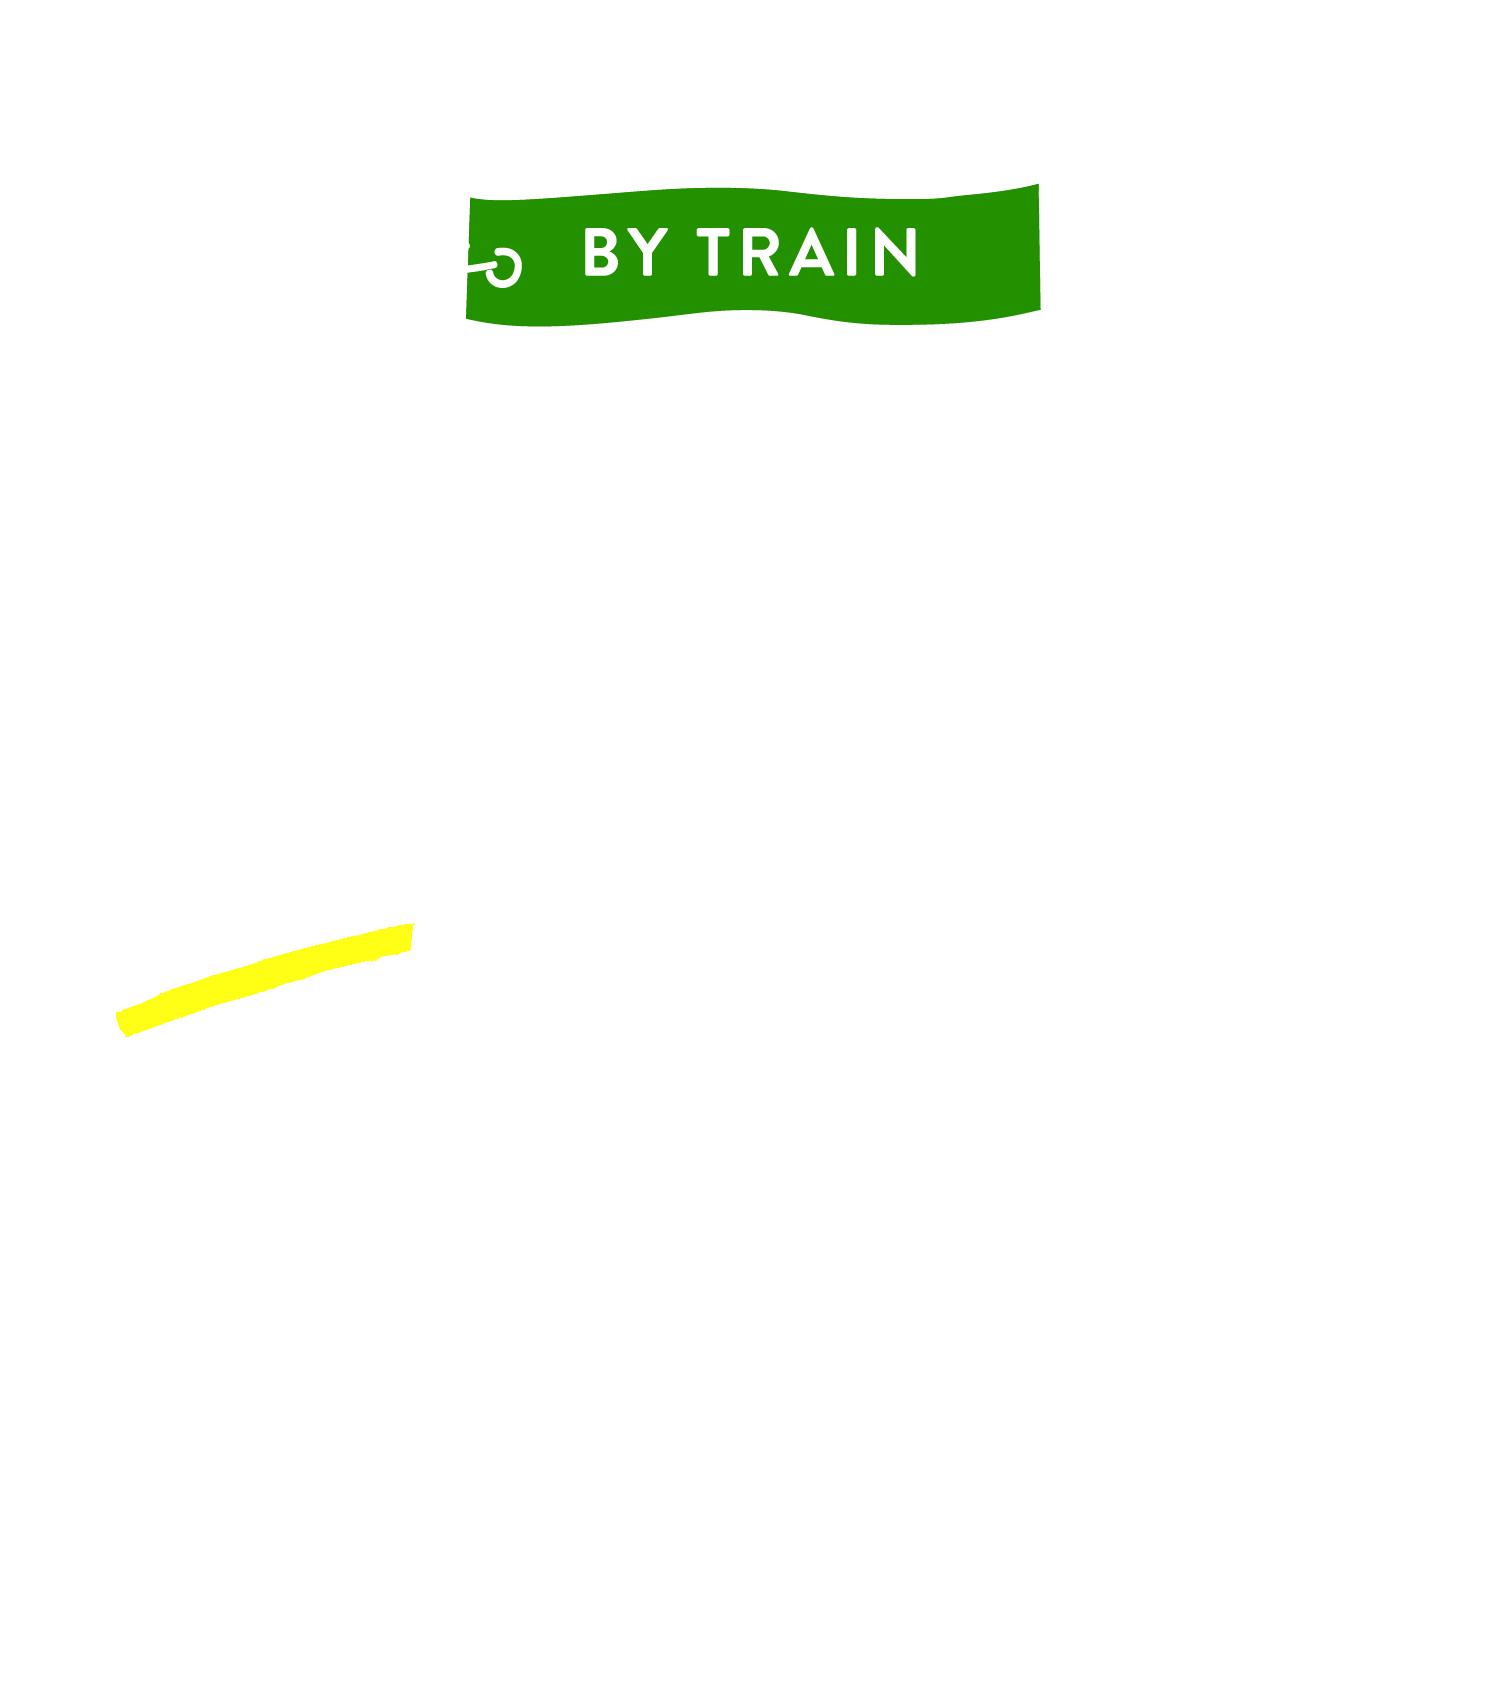 BY TRAIN電車で小豆島へ!POINTお友達と行くなら電車がおすすめ!日生駅から岡山日生港まで1分の近さ!小豆島では、レンタカー、レンタサイクルなどもあります。